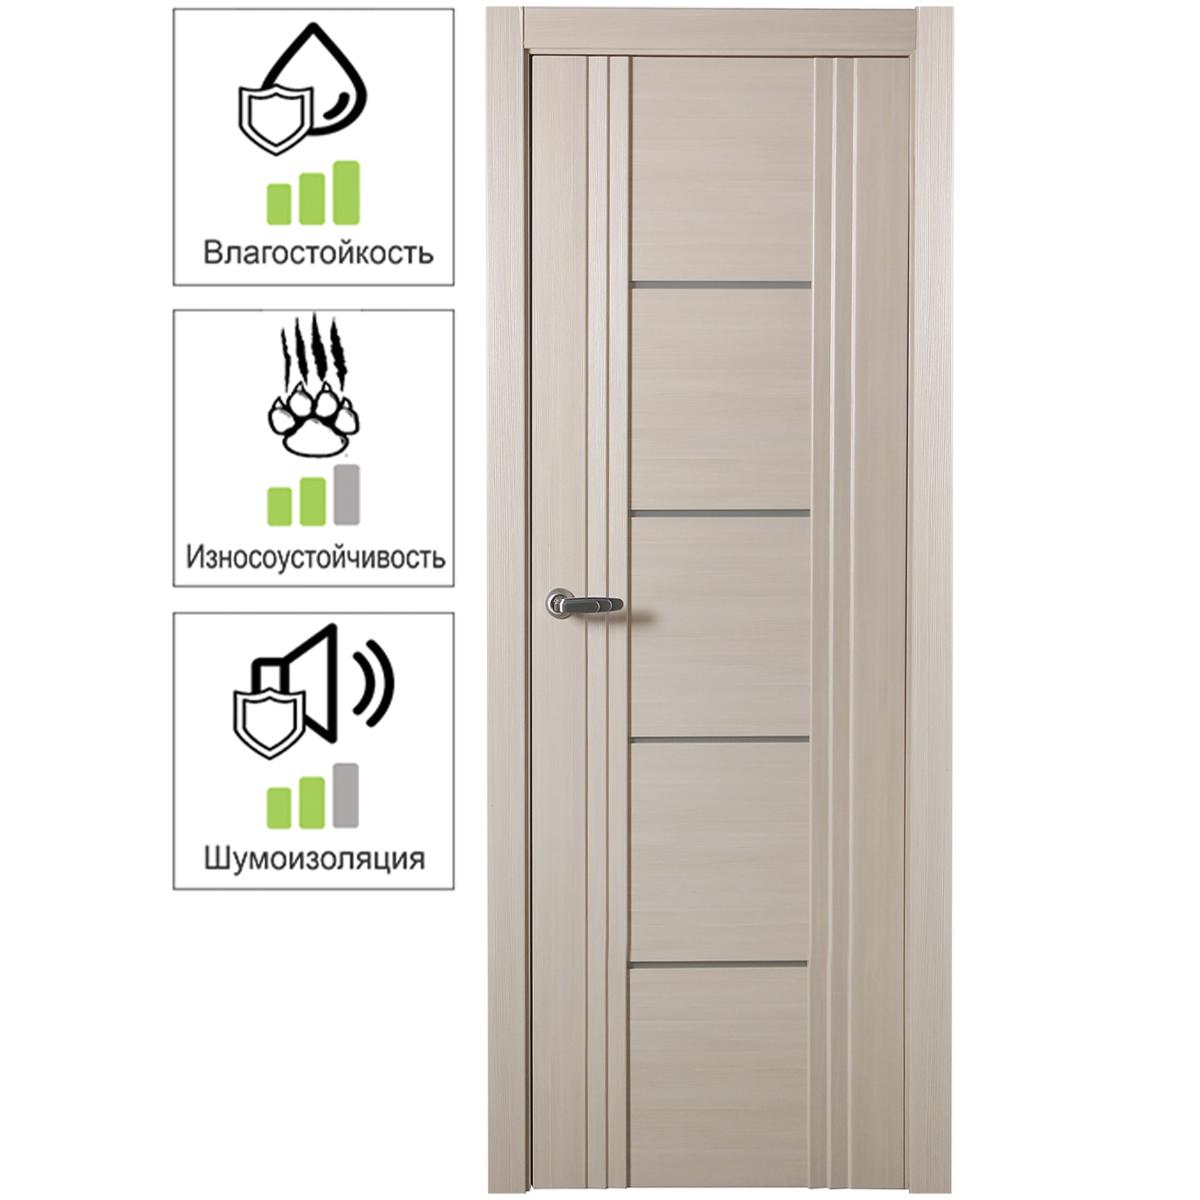 Дверь Межкомнатная Глухая С Замком В Комплекте Селект 80x200 Цвет Эшвуд